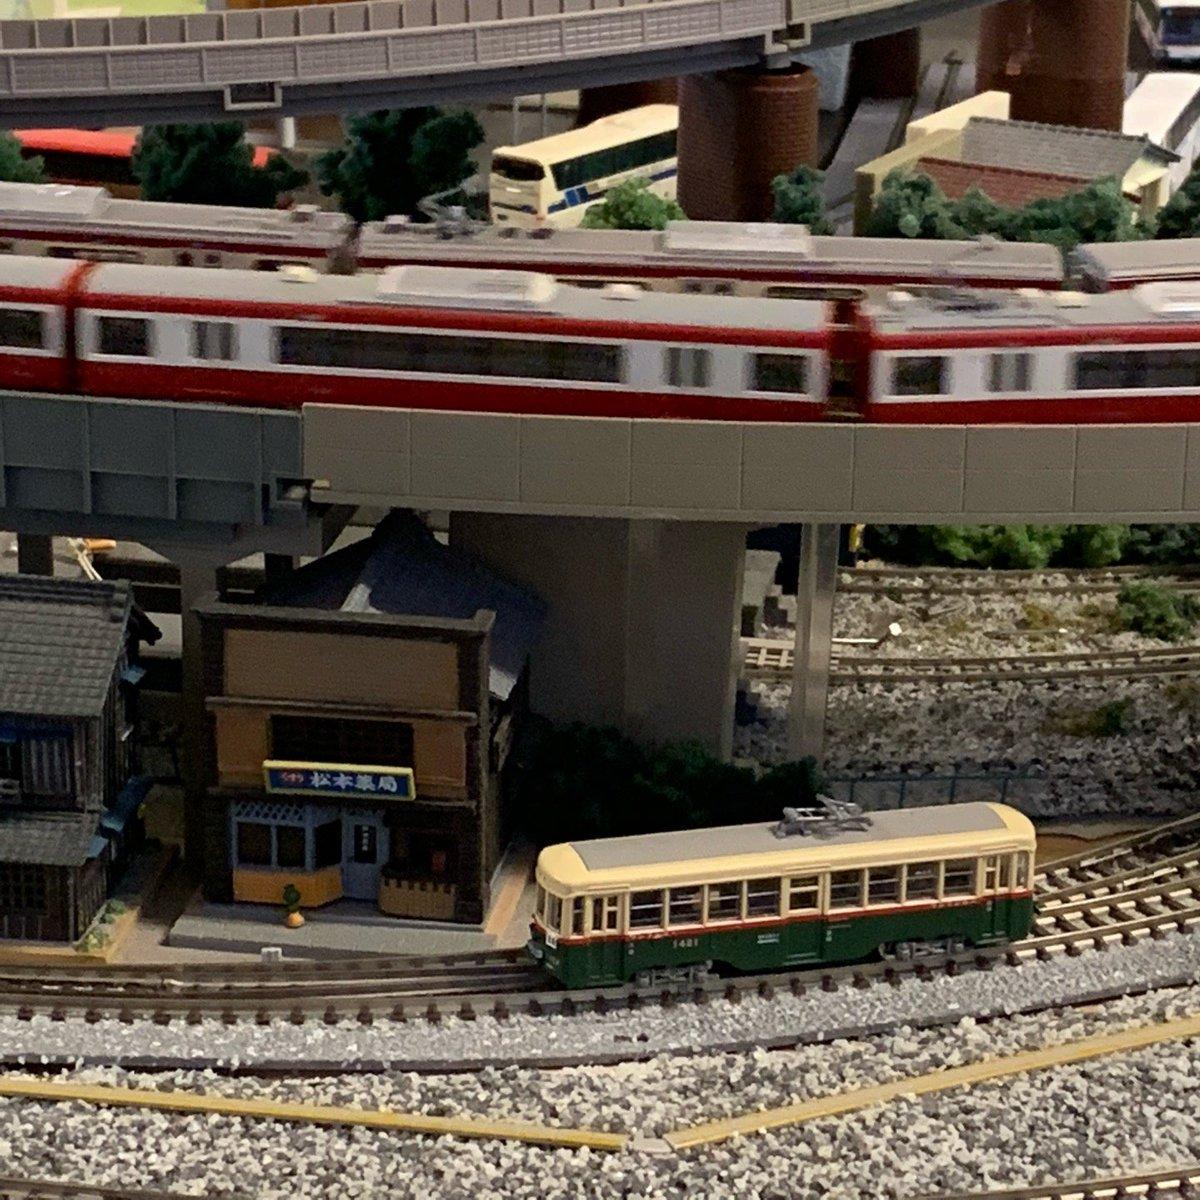 鉄道カフェはるか Nゲージ 名古屋市電1400型(1)京急2100形電車